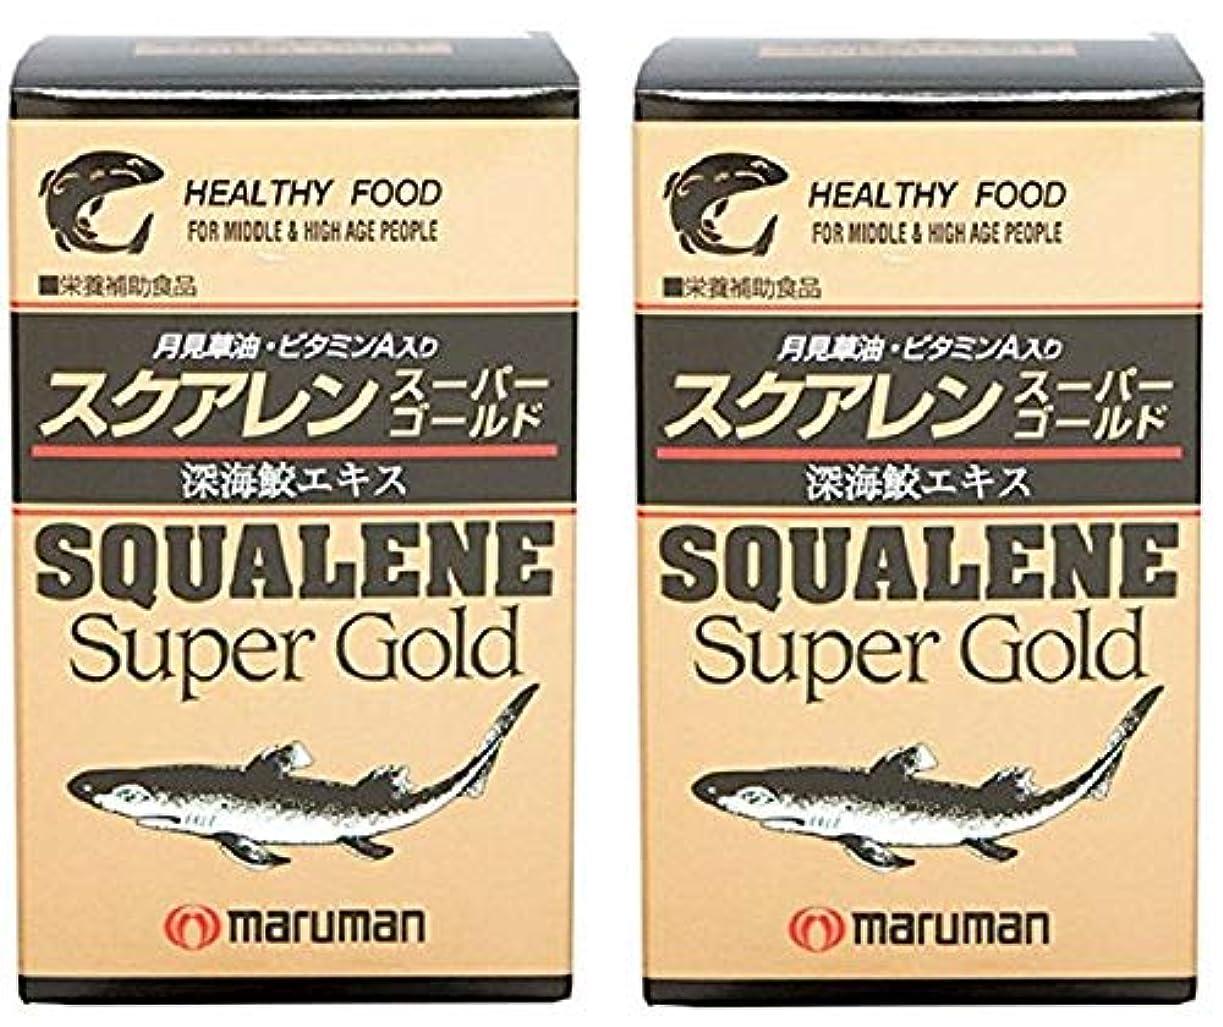 に変わる症状広告するマルマン スクアレン スーパーゴールド 440㎎×300粒 X2個セット